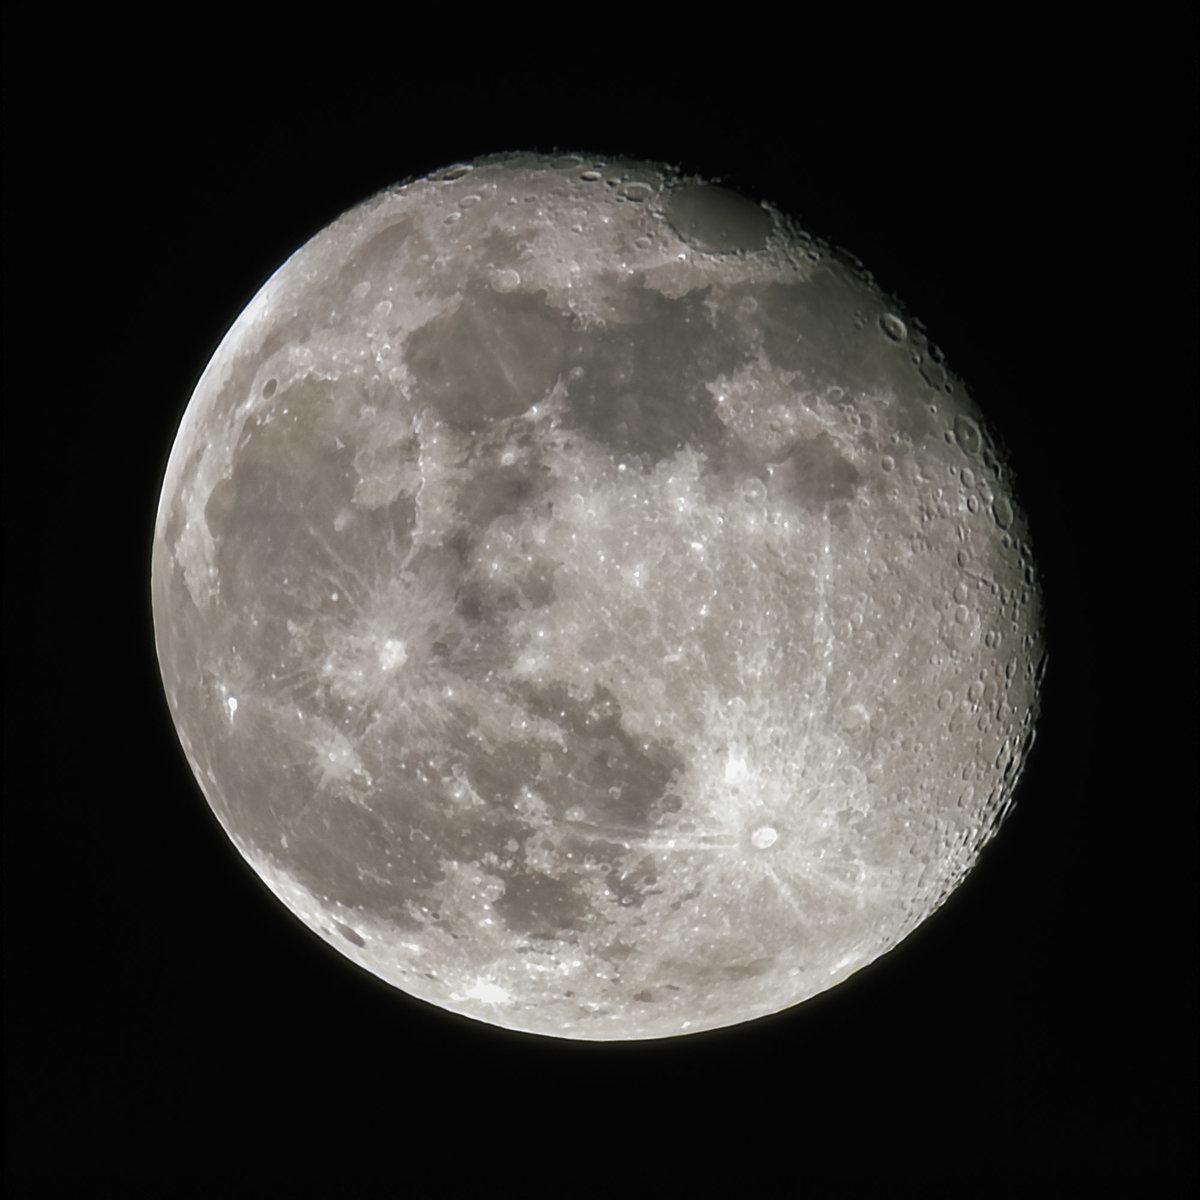 moon_tiff_lapl4_ap3373.jpg